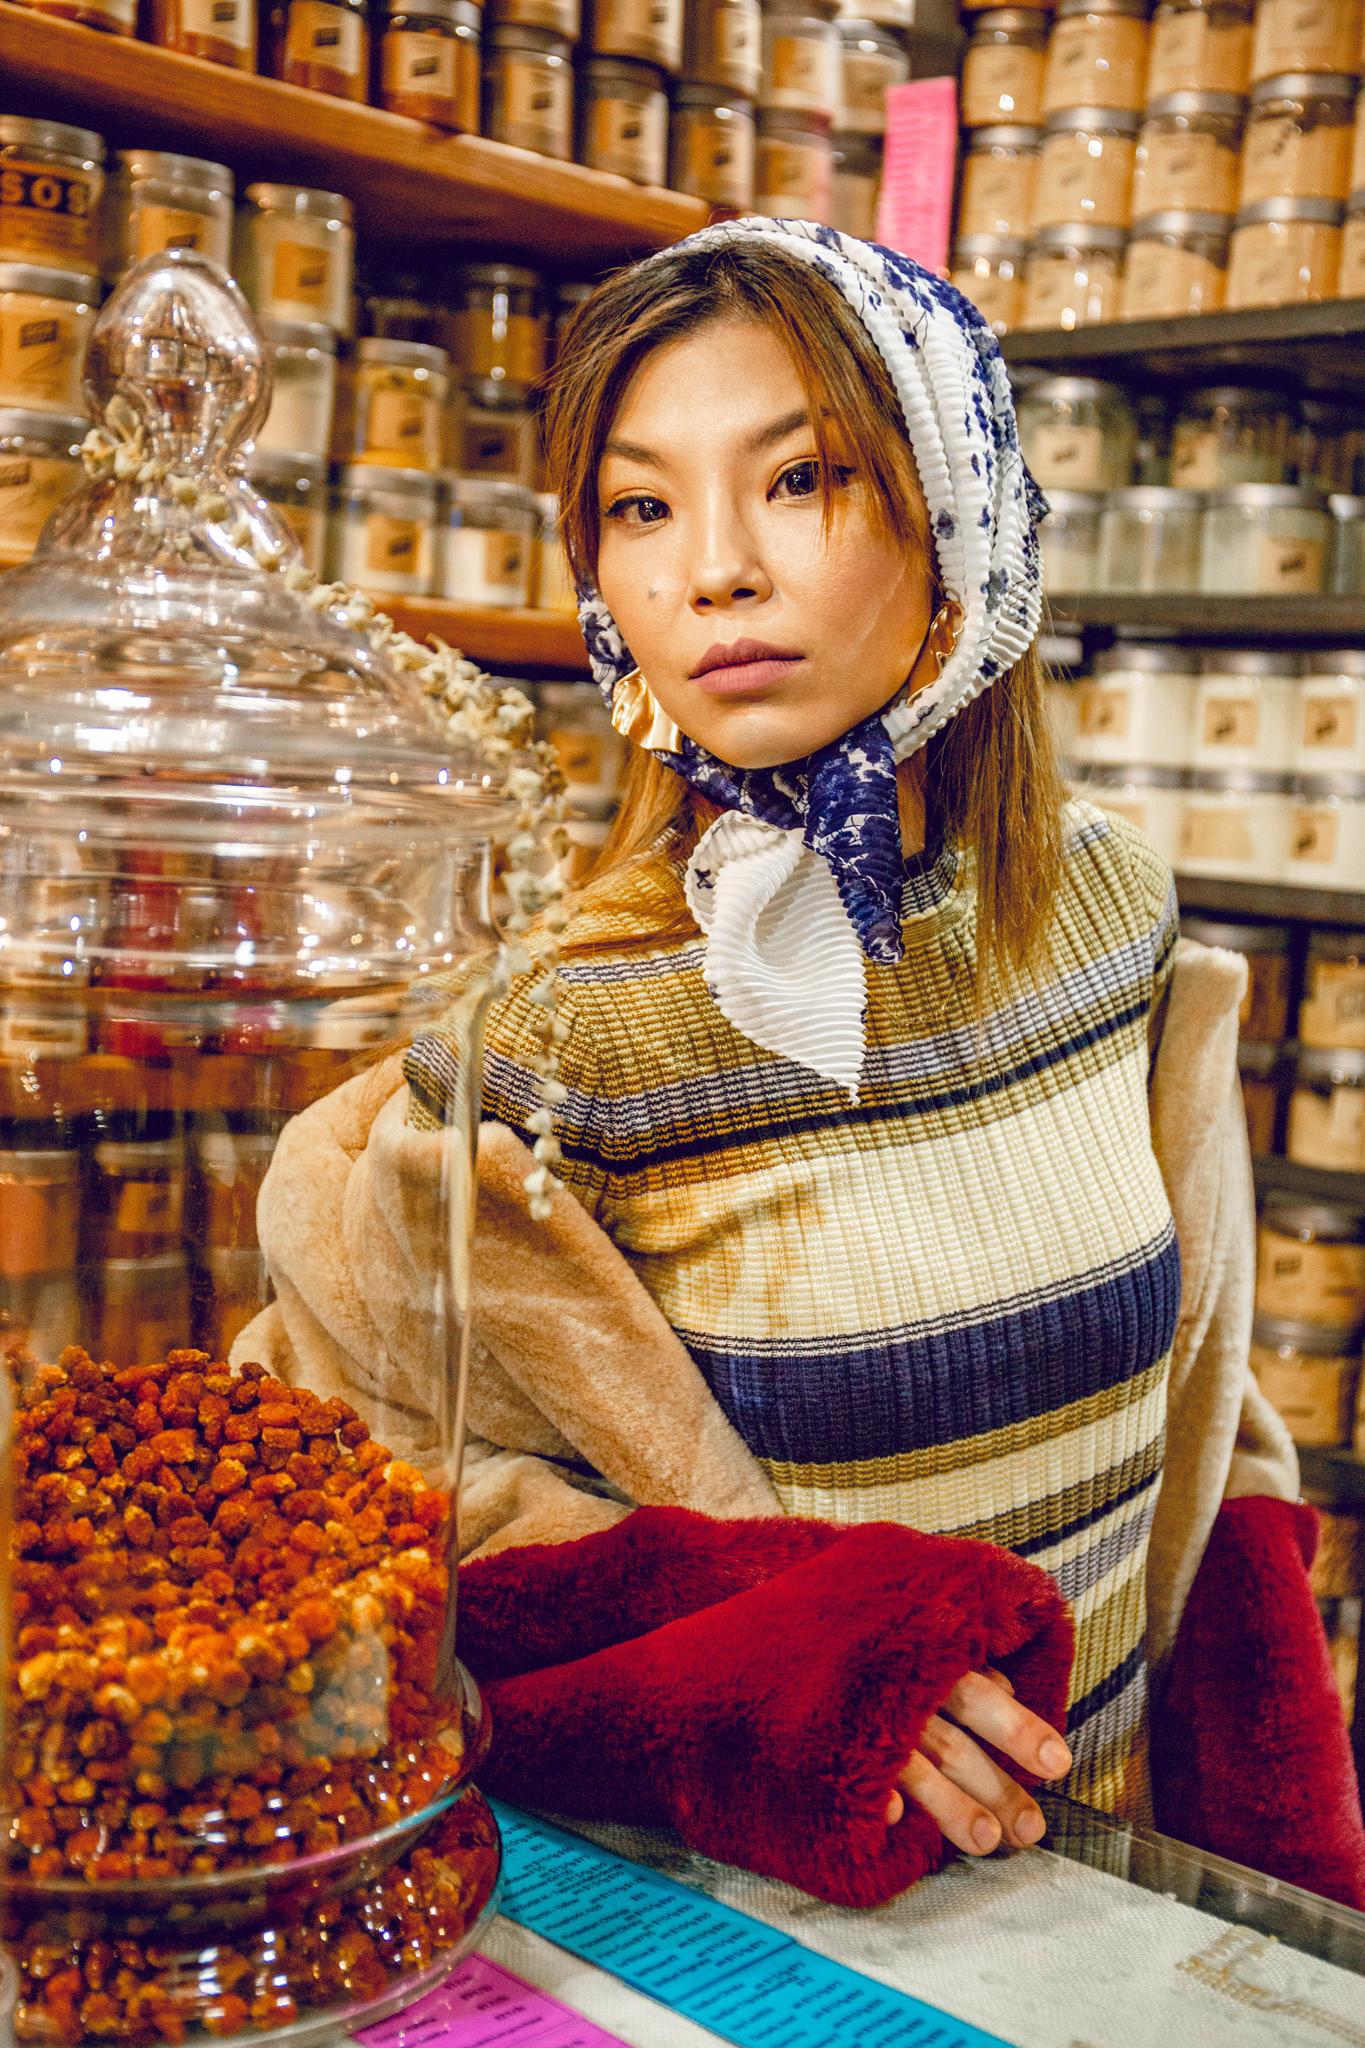 Babushka fashion style